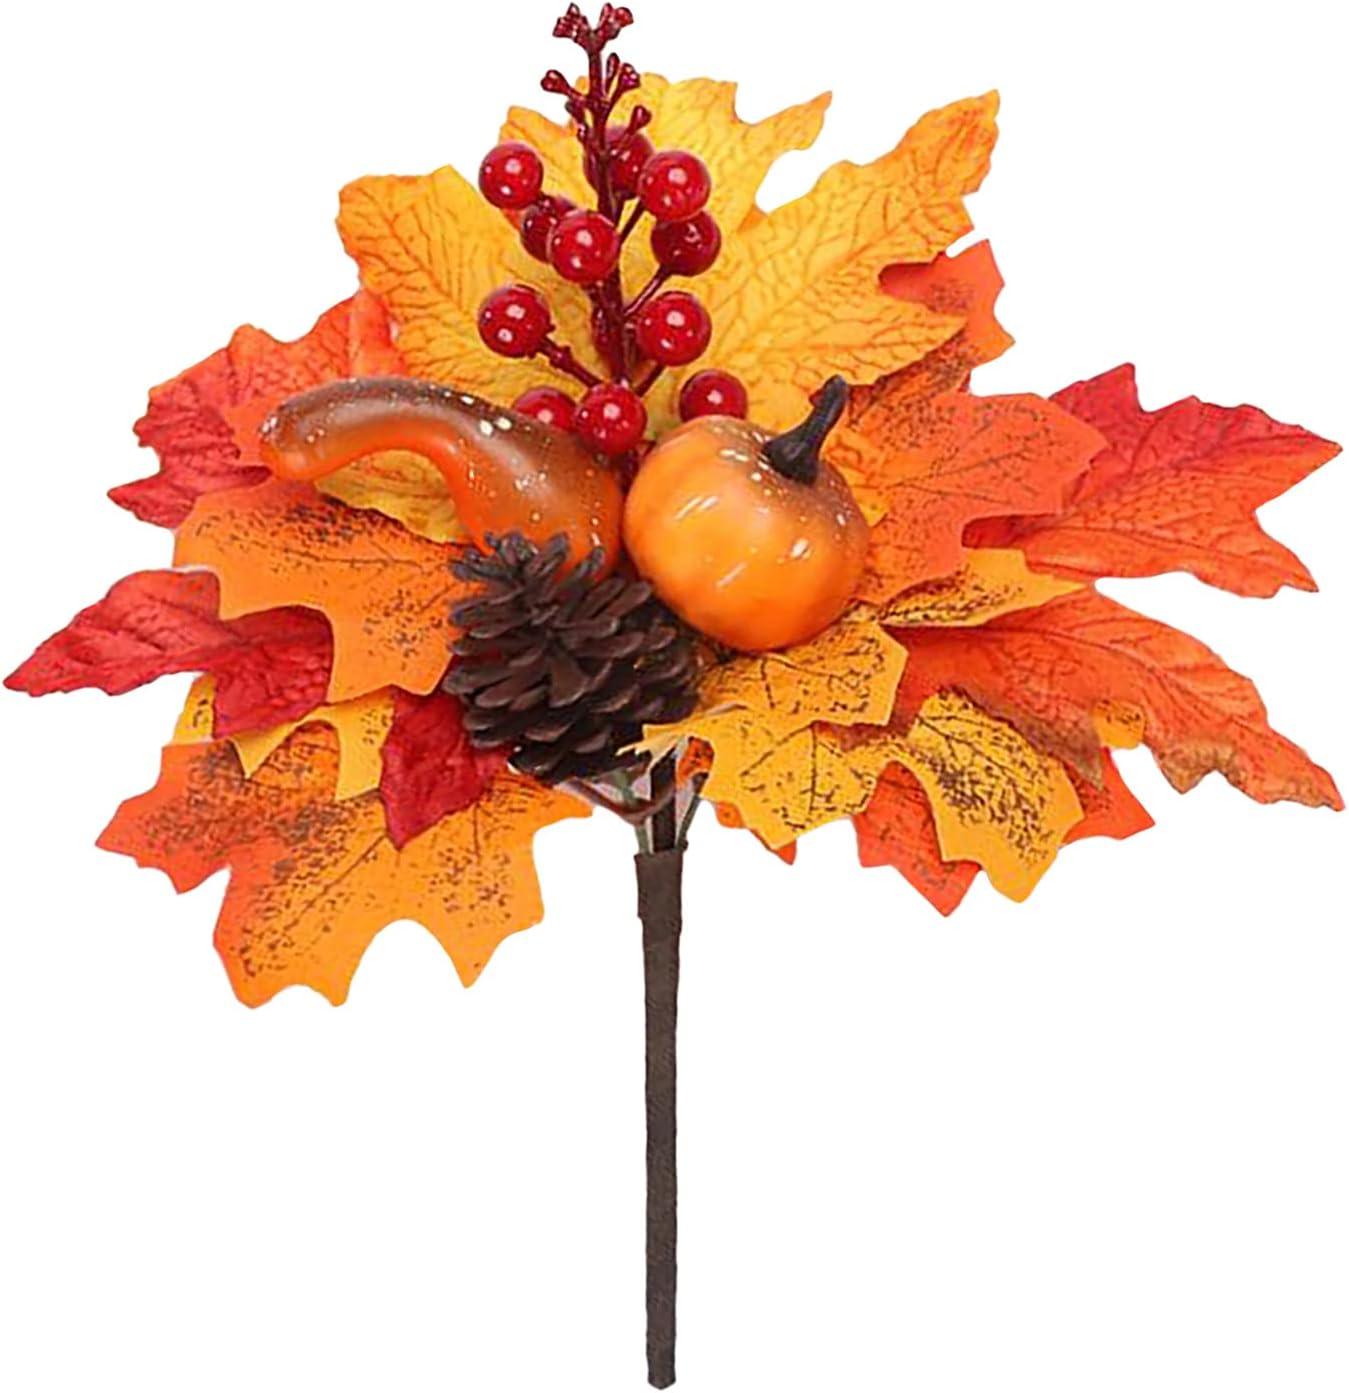 HXRZZG Maple Leaves Cheap Memphis Mall bargain Branches 3 PCS Pumpkin Stems Fall Lea